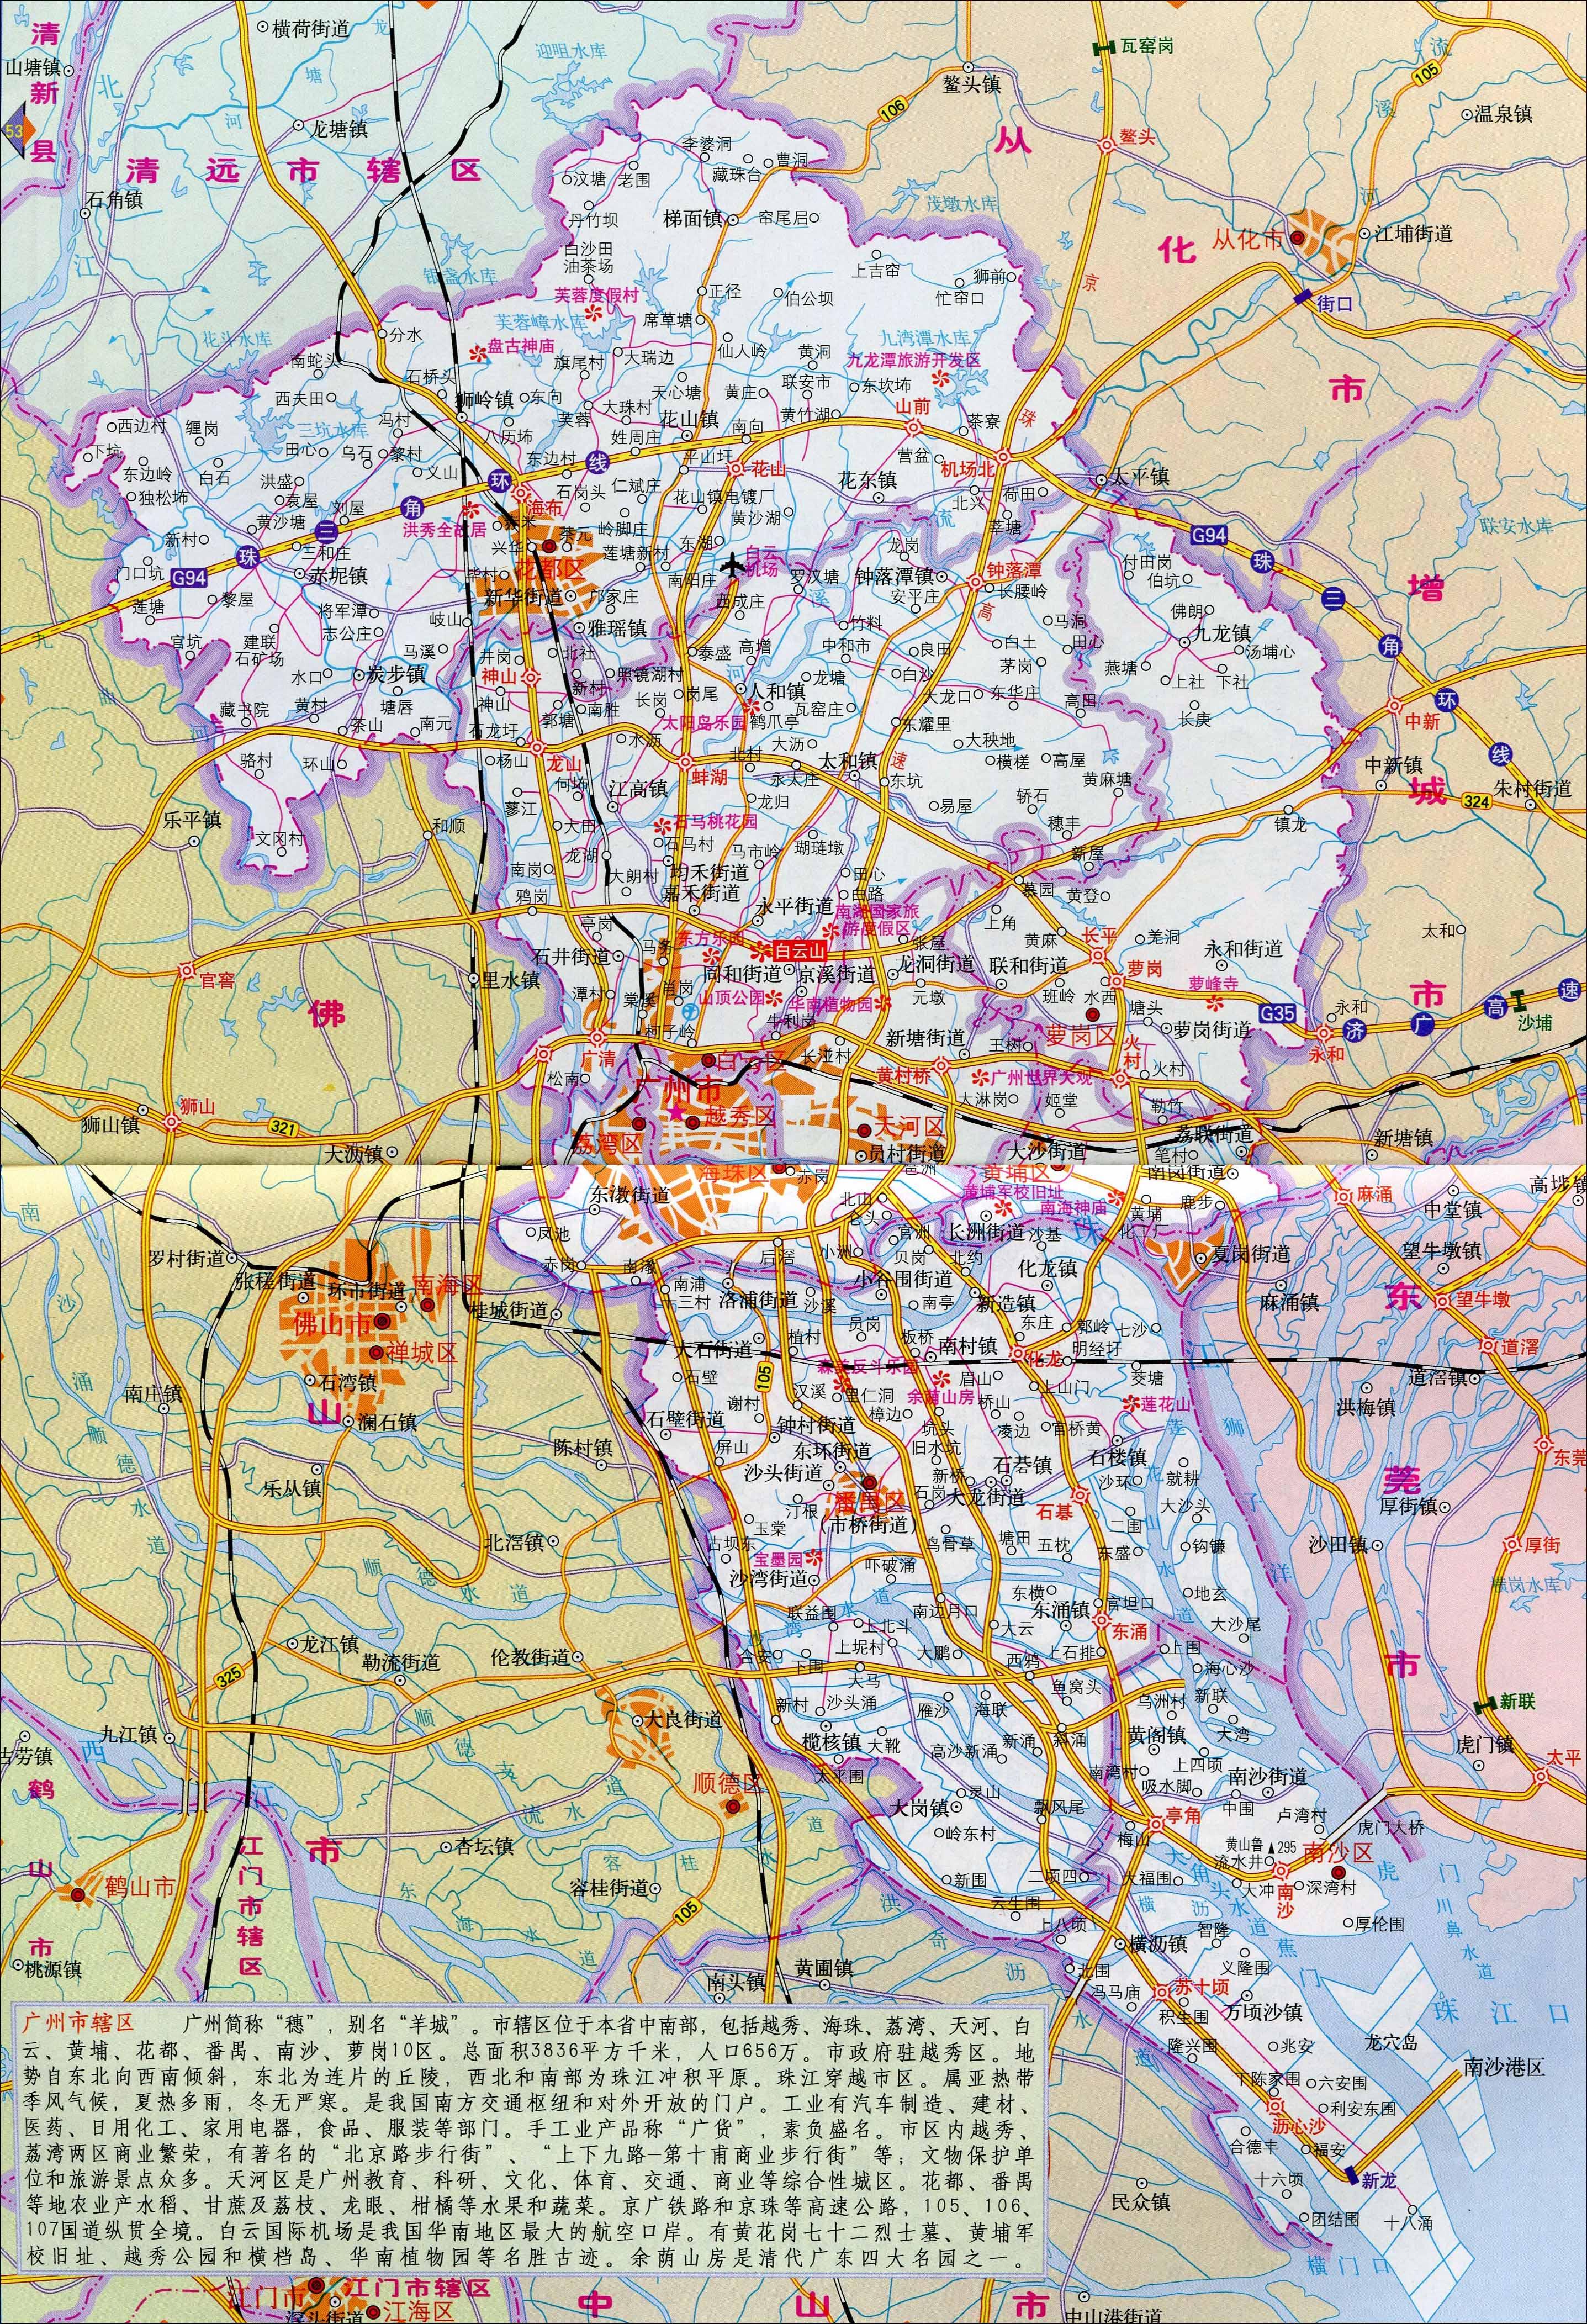 广州市辖区地图_广州市地图查询